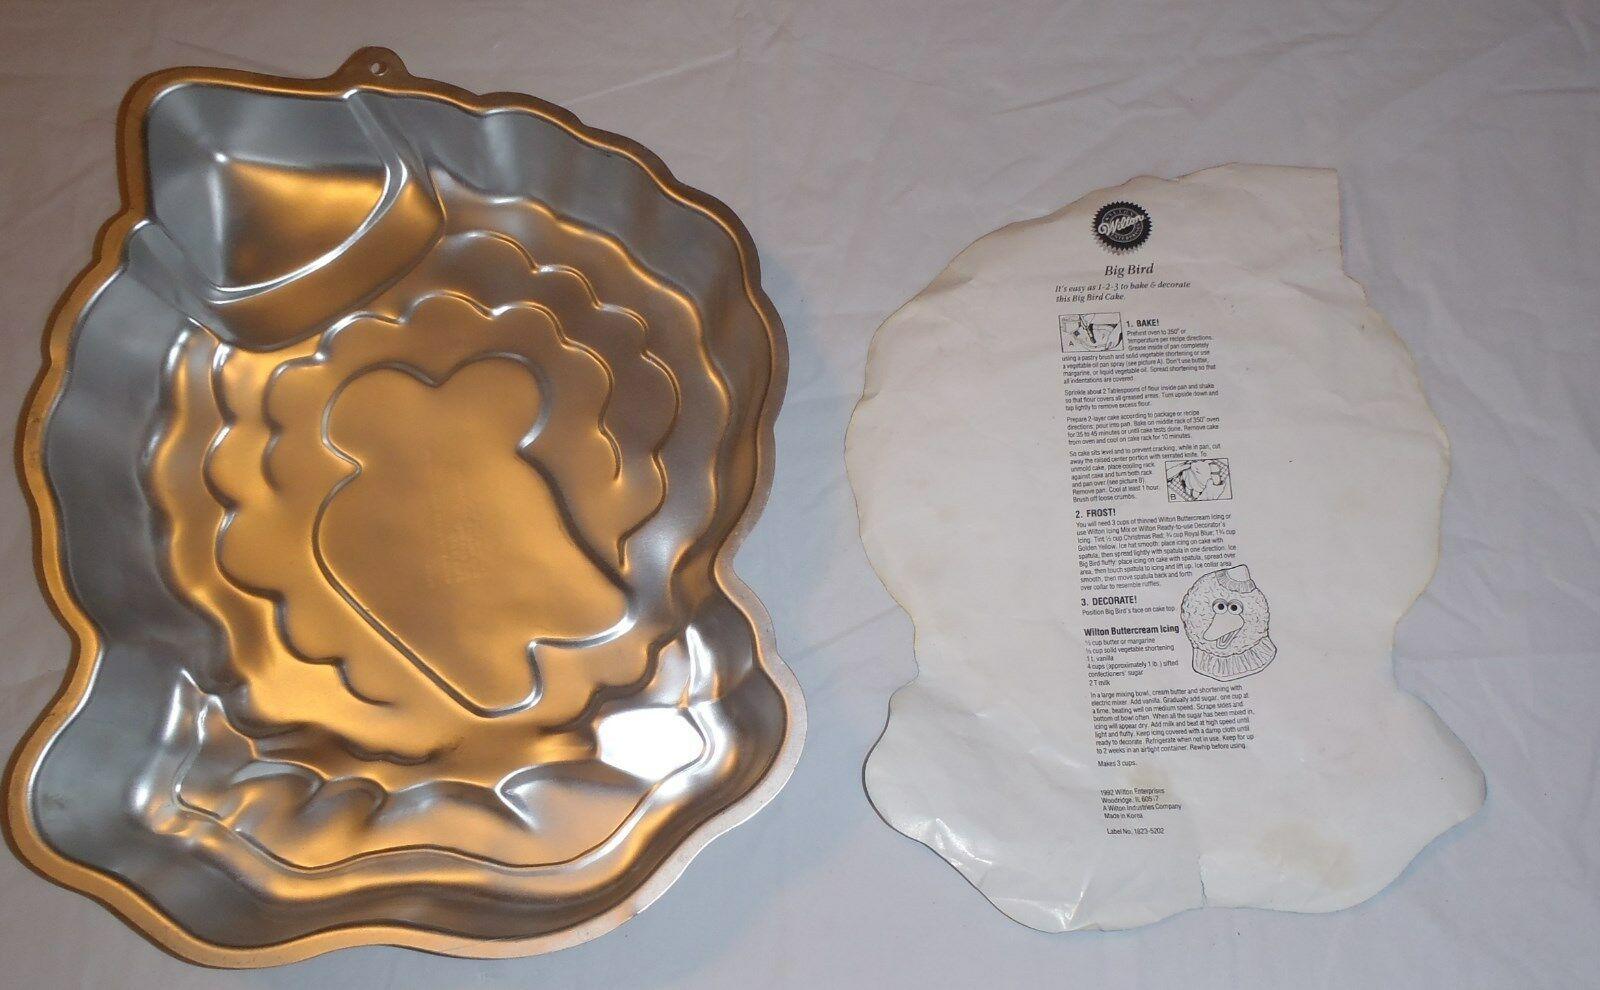 Wilton Big Bird Cake Pan with Instructions 2105-9476